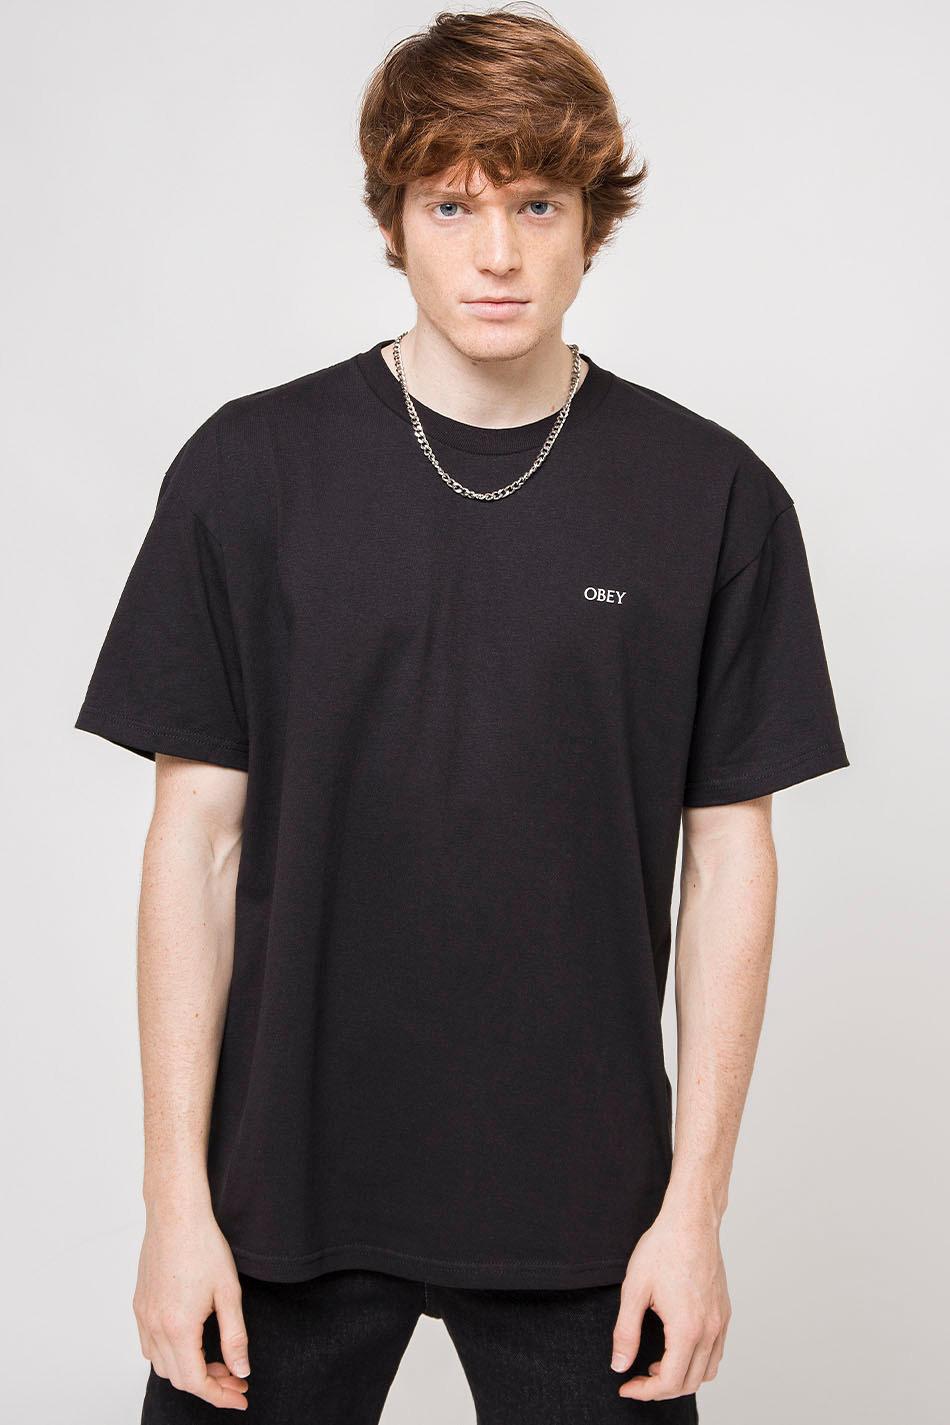 Obey Paint it Black T-Shirt